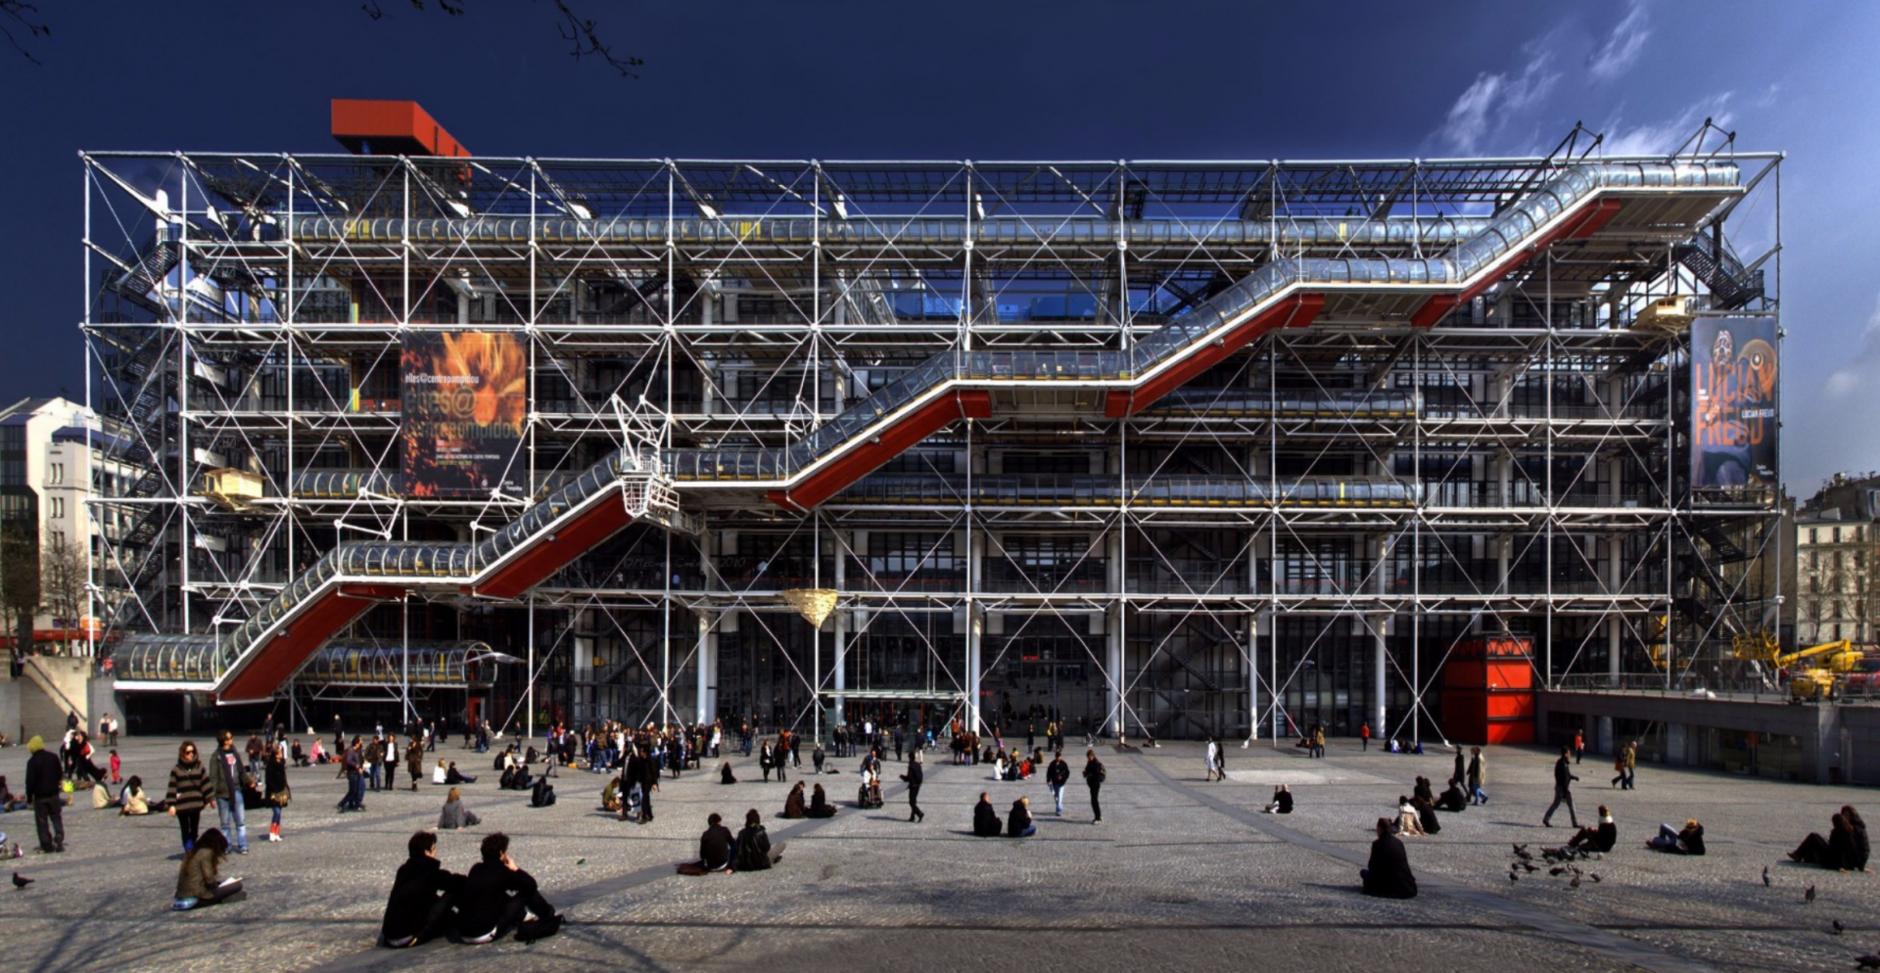 Проснулся знаменитым: первые проекты звезд архитектуры (галерея 19, фото 2)